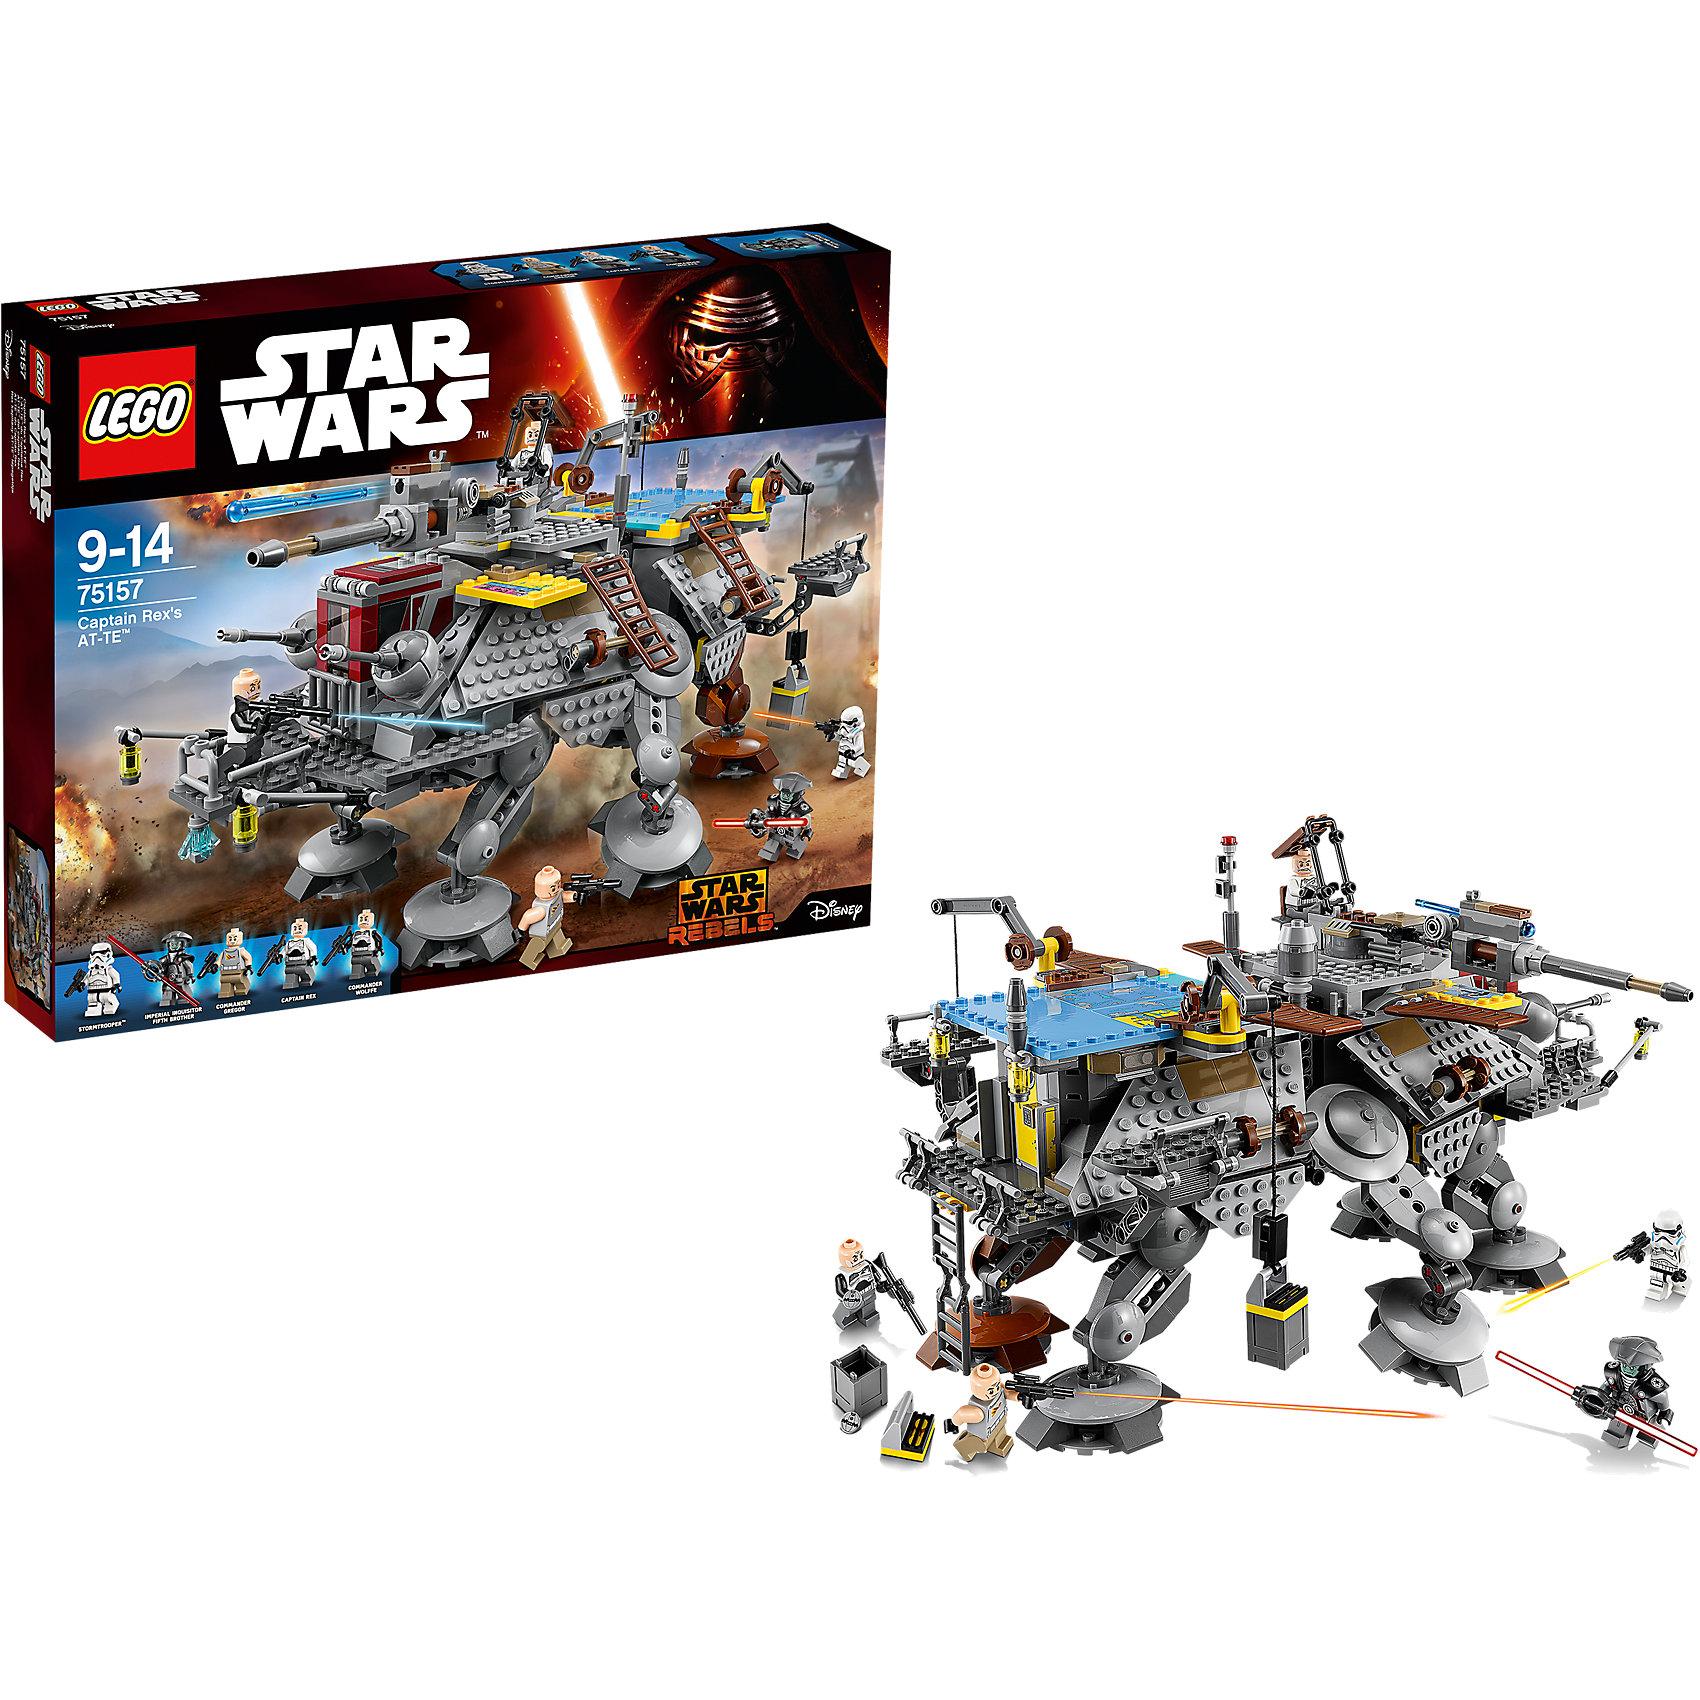 LEGO Star Wars 75157: Шагающий штурмовой вездеход AT-TE капитана РексаПластмассовые конструкторы<br>Фильм Звездные войны и его героев любят множество современных мальчишек, поэтому набор Лего Star Wars, из которого можно собрать интересный сюжет по этому фильму, обязательно порадует ребенка. Такие игрушки помогают детям развивать воображение, мелкую моторику, логику и творческое мышление.<br>Набор состоит из множества деталей конструктора - с их помощью можно собрать декорации для игр, транспорт, а также в нем есть фигурки любимых персонажей! С таким комплектом можно придумать множество игр!<br><br>Дополнительная информация:<br><br>цвет: разноцветный;<br>размер коробки: 48 х 7 х 38 см;<br>вес: 1412 г;<br>материал: пластик;<br>количество деталей: 972.<br><br>Набор Шагающий штурмовой вездеход AT-TE капитана Рекса от бренда LEGO Star Wars можно купить в нашем магазине.<br><br>Ширина мм: 481<br>Глубина мм: 378<br>Высота мм: 73<br>Вес г: 1575<br>Возраст от месяцев: 108<br>Возраст до месяцев: 168<br>Пол: Мужской<br>Возраст: Детский<br>SKU: 4641253